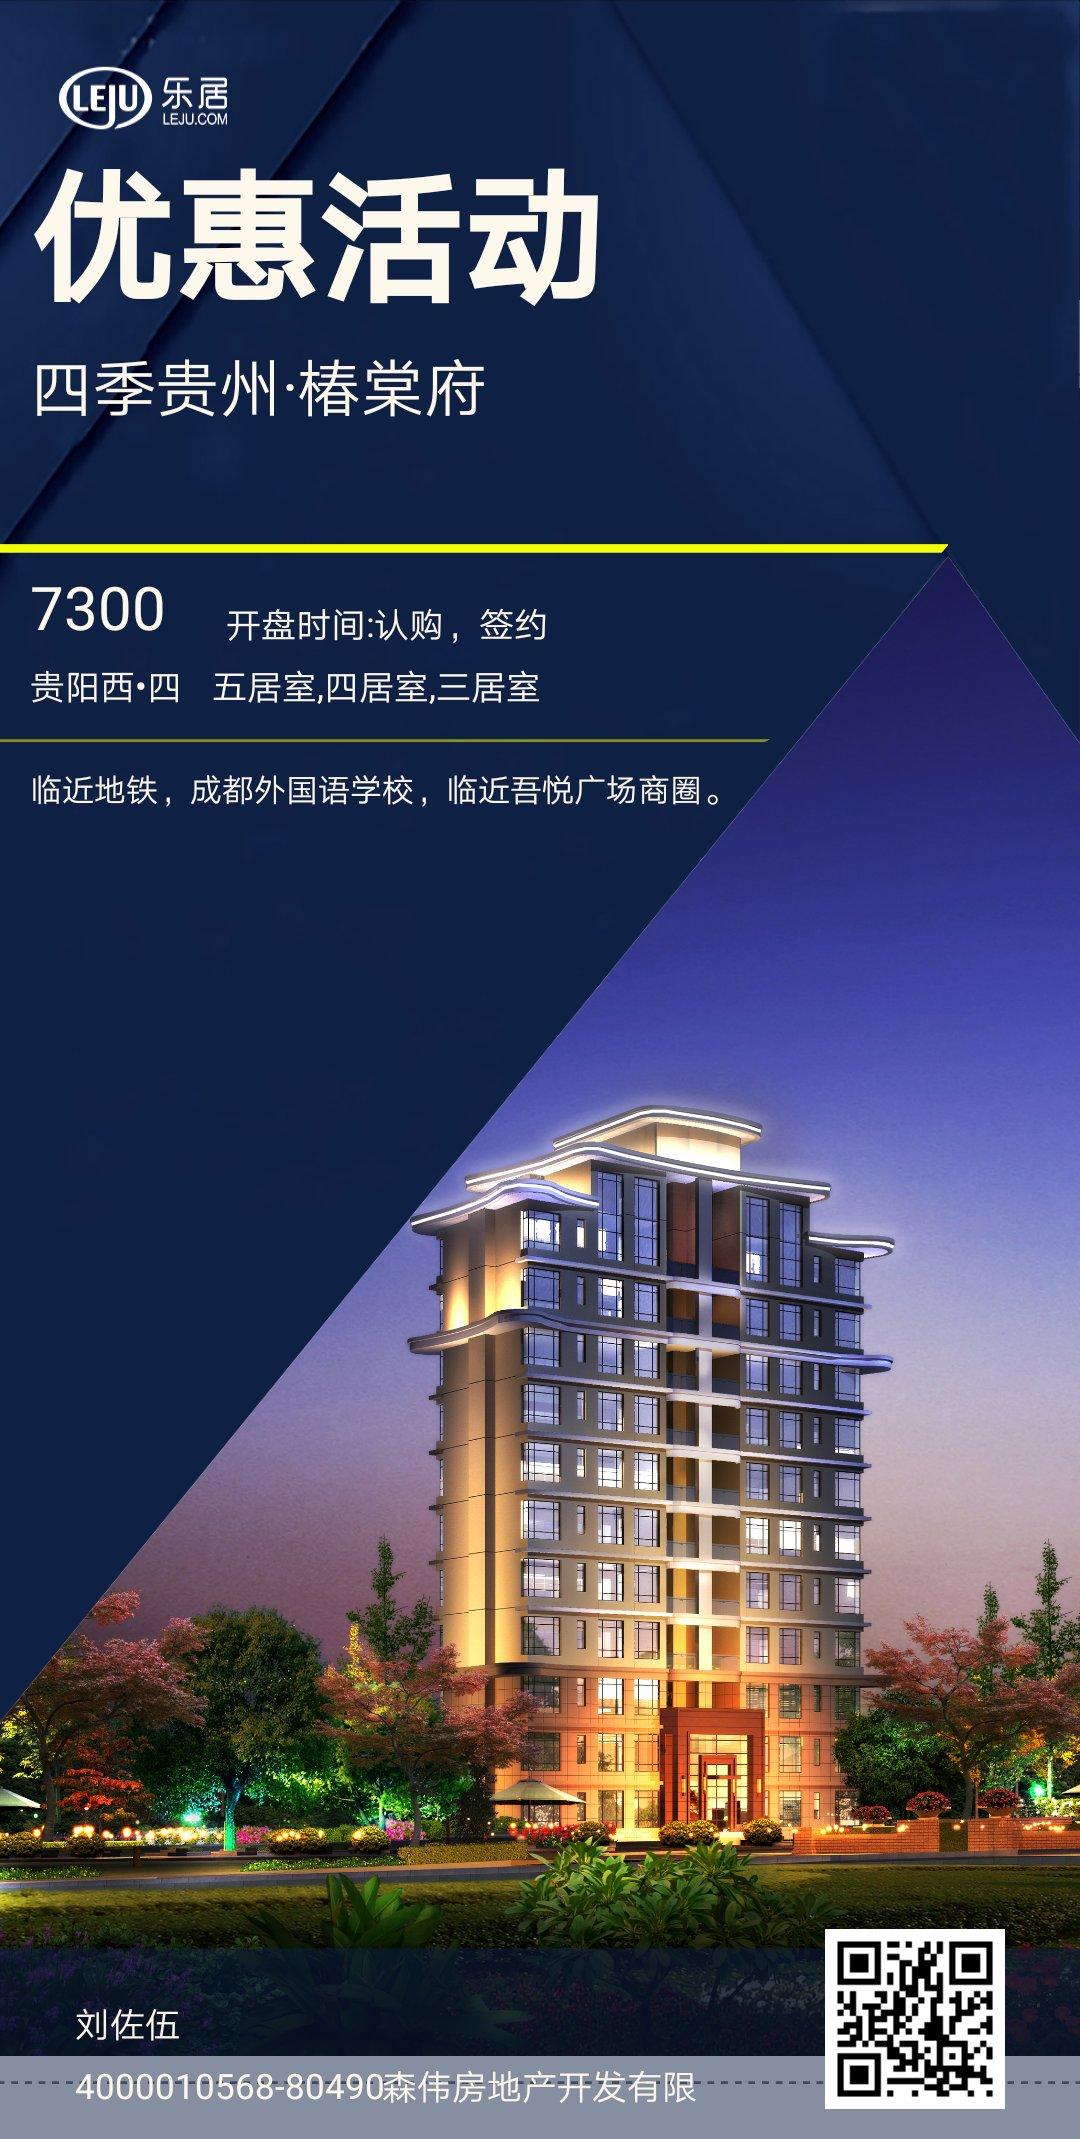 贵阳新城区四季贵州3室 2厅 2卫83万元